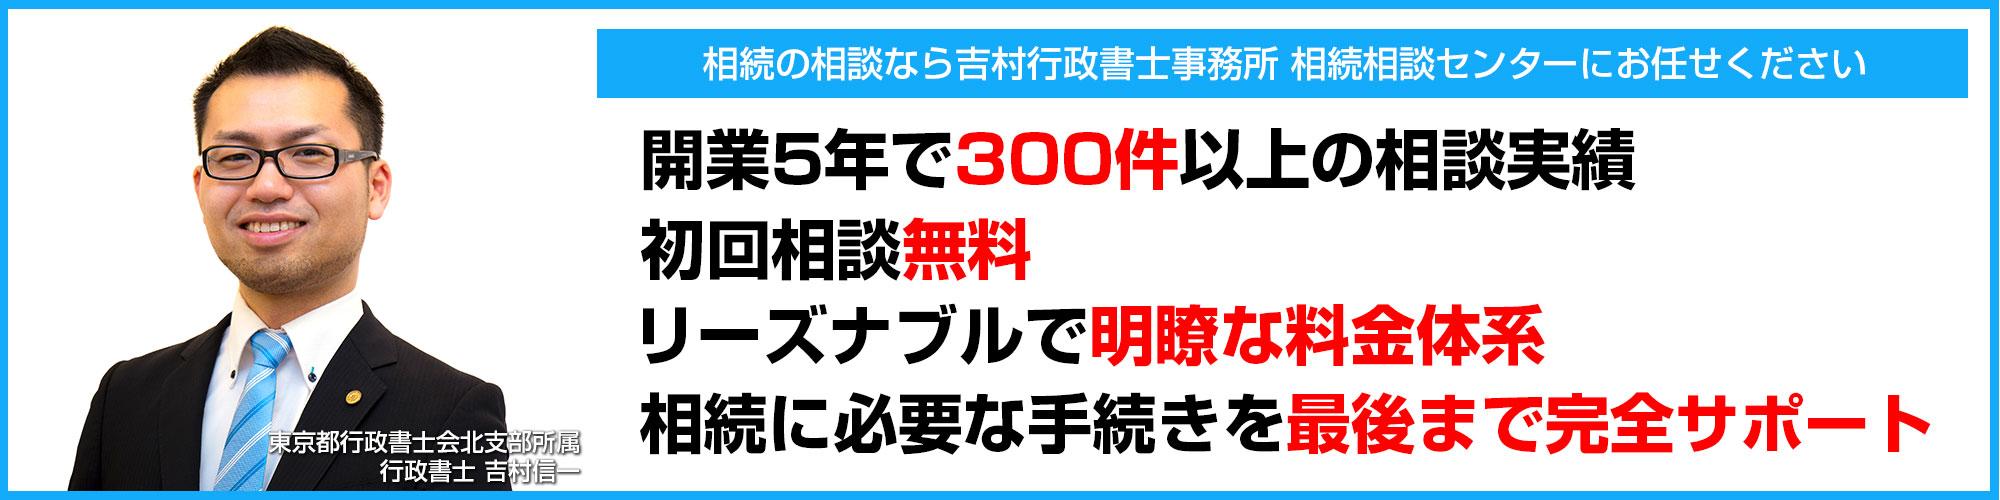 東京で一番敷居の低い 相続相談センター